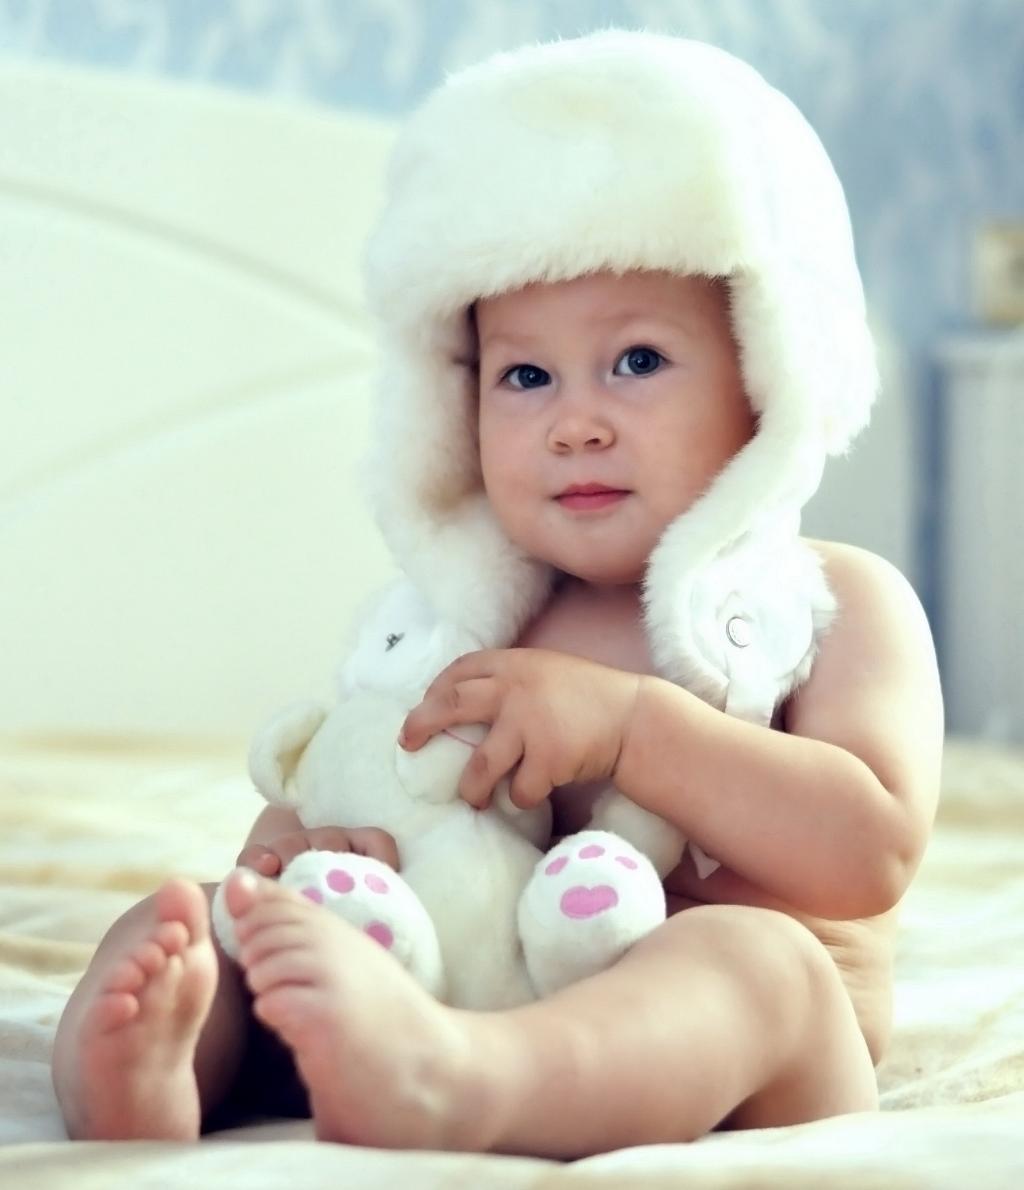 http://photo.7ya.ru/7ya-photo/2012/12/17/1355760692681.jpg